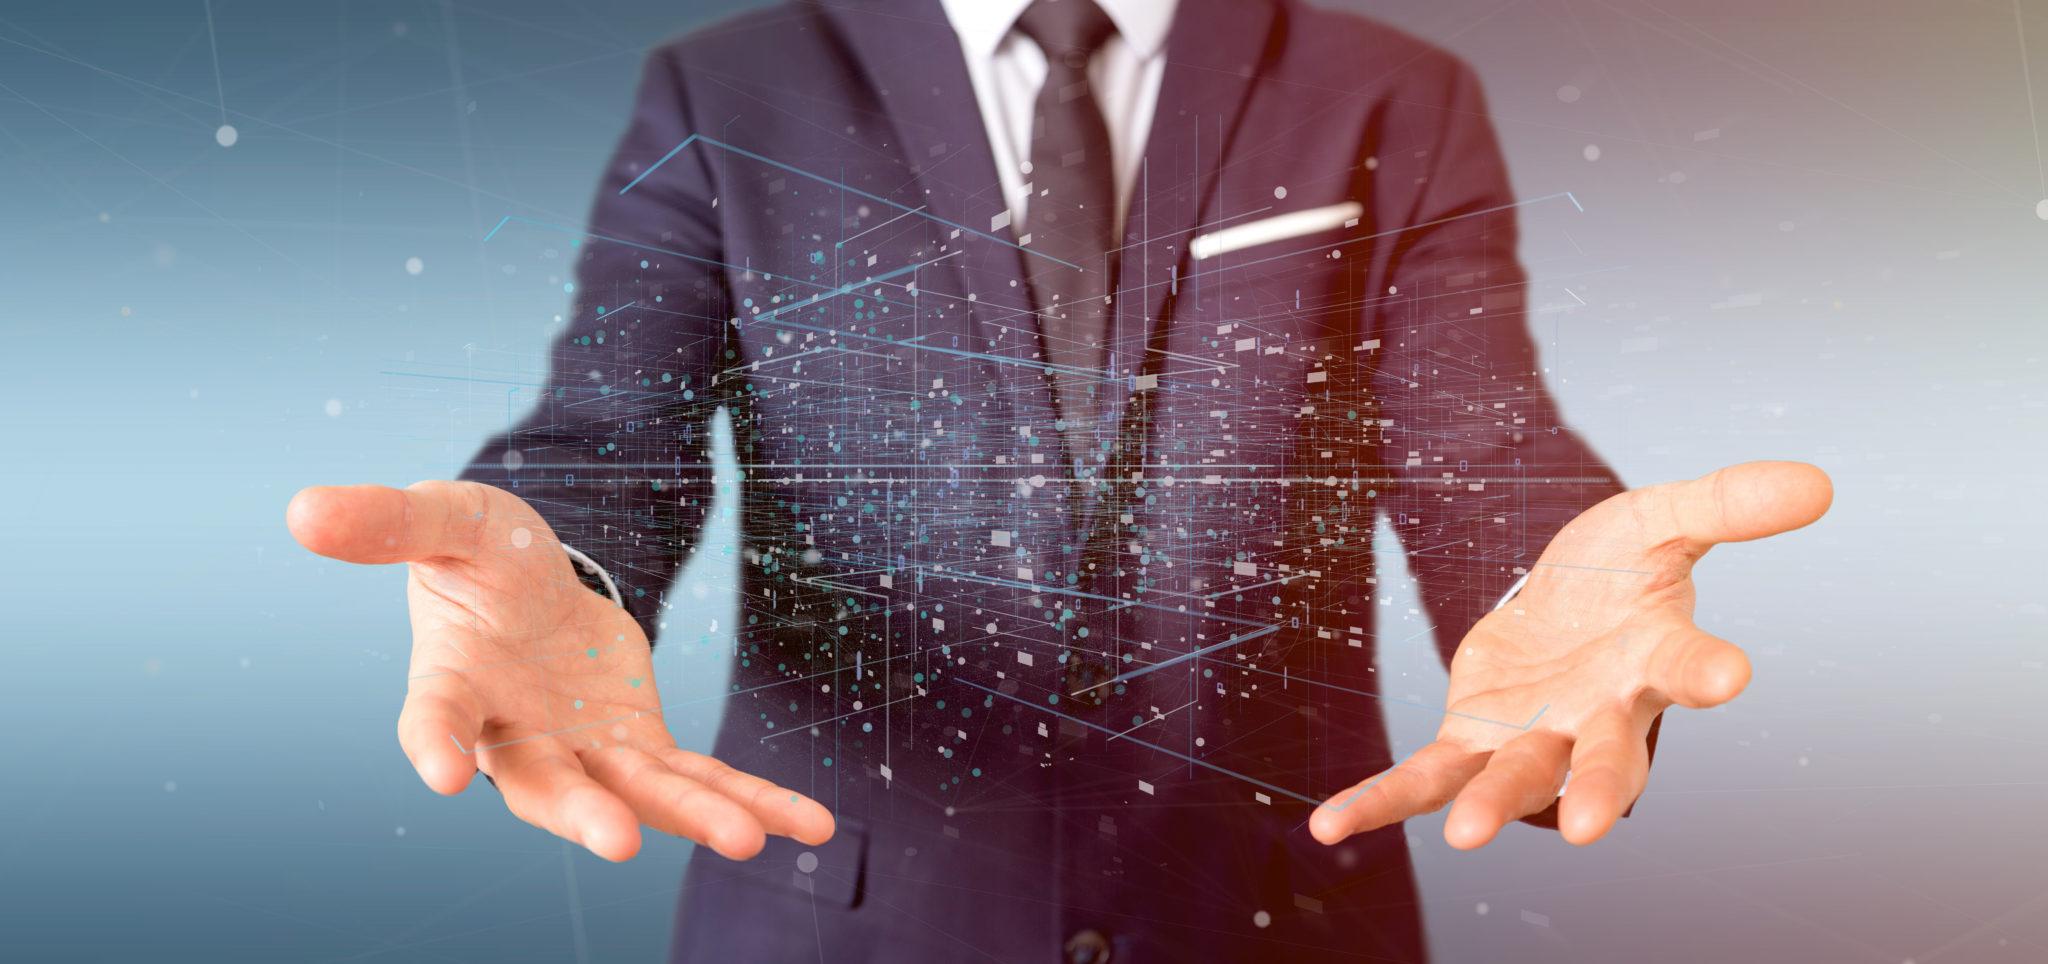 抽象的な バイナリ ブルー ビジネスマン 雲 コード コーディング 通信 コンピューター コンセプト 接続 サイバースペース データ デザイン デジタル エレクトロニック 指 未来的な ハッカー 手 開催 情報 インターネット 男 ネットワーク 数 数字 パターン プログラム プログラミング ソフトウェア ストリーム システム テク テクノロジー 感動 バーチャル ウェブ 白 ゼロ